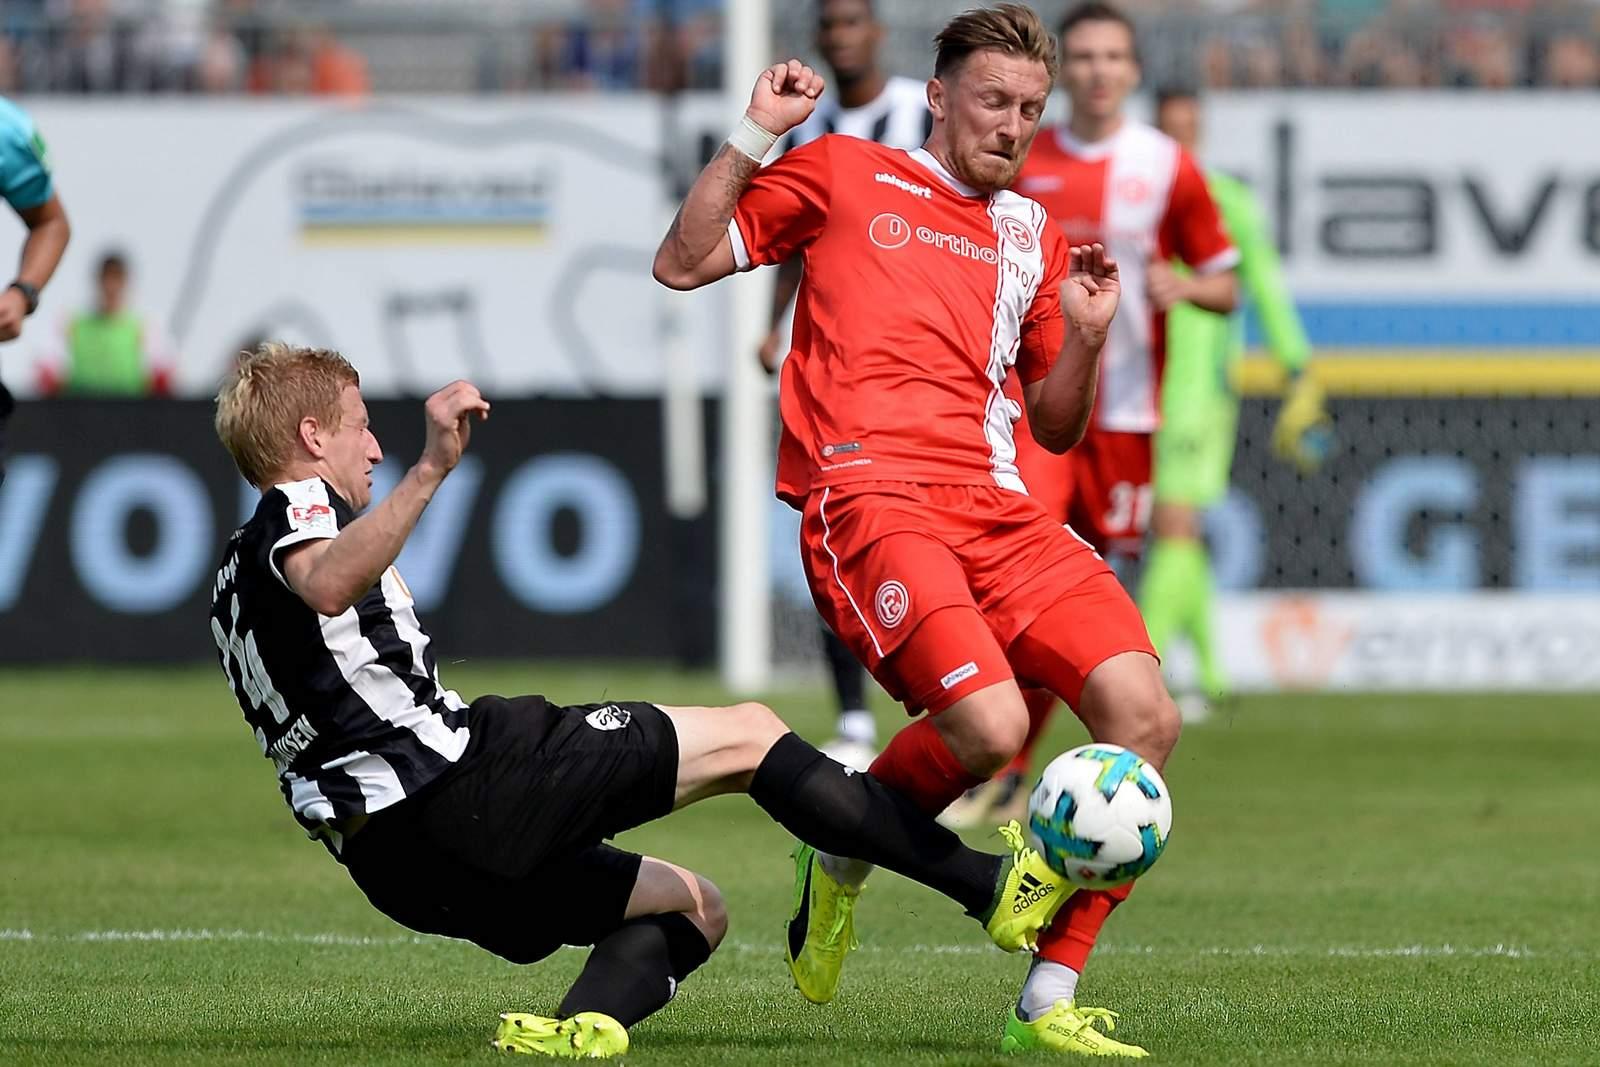 Setzt sich Klingmann gegen Bodzek durch? Jetzt auf Fortuna Düsseldorf gegen Sandhausen wetten